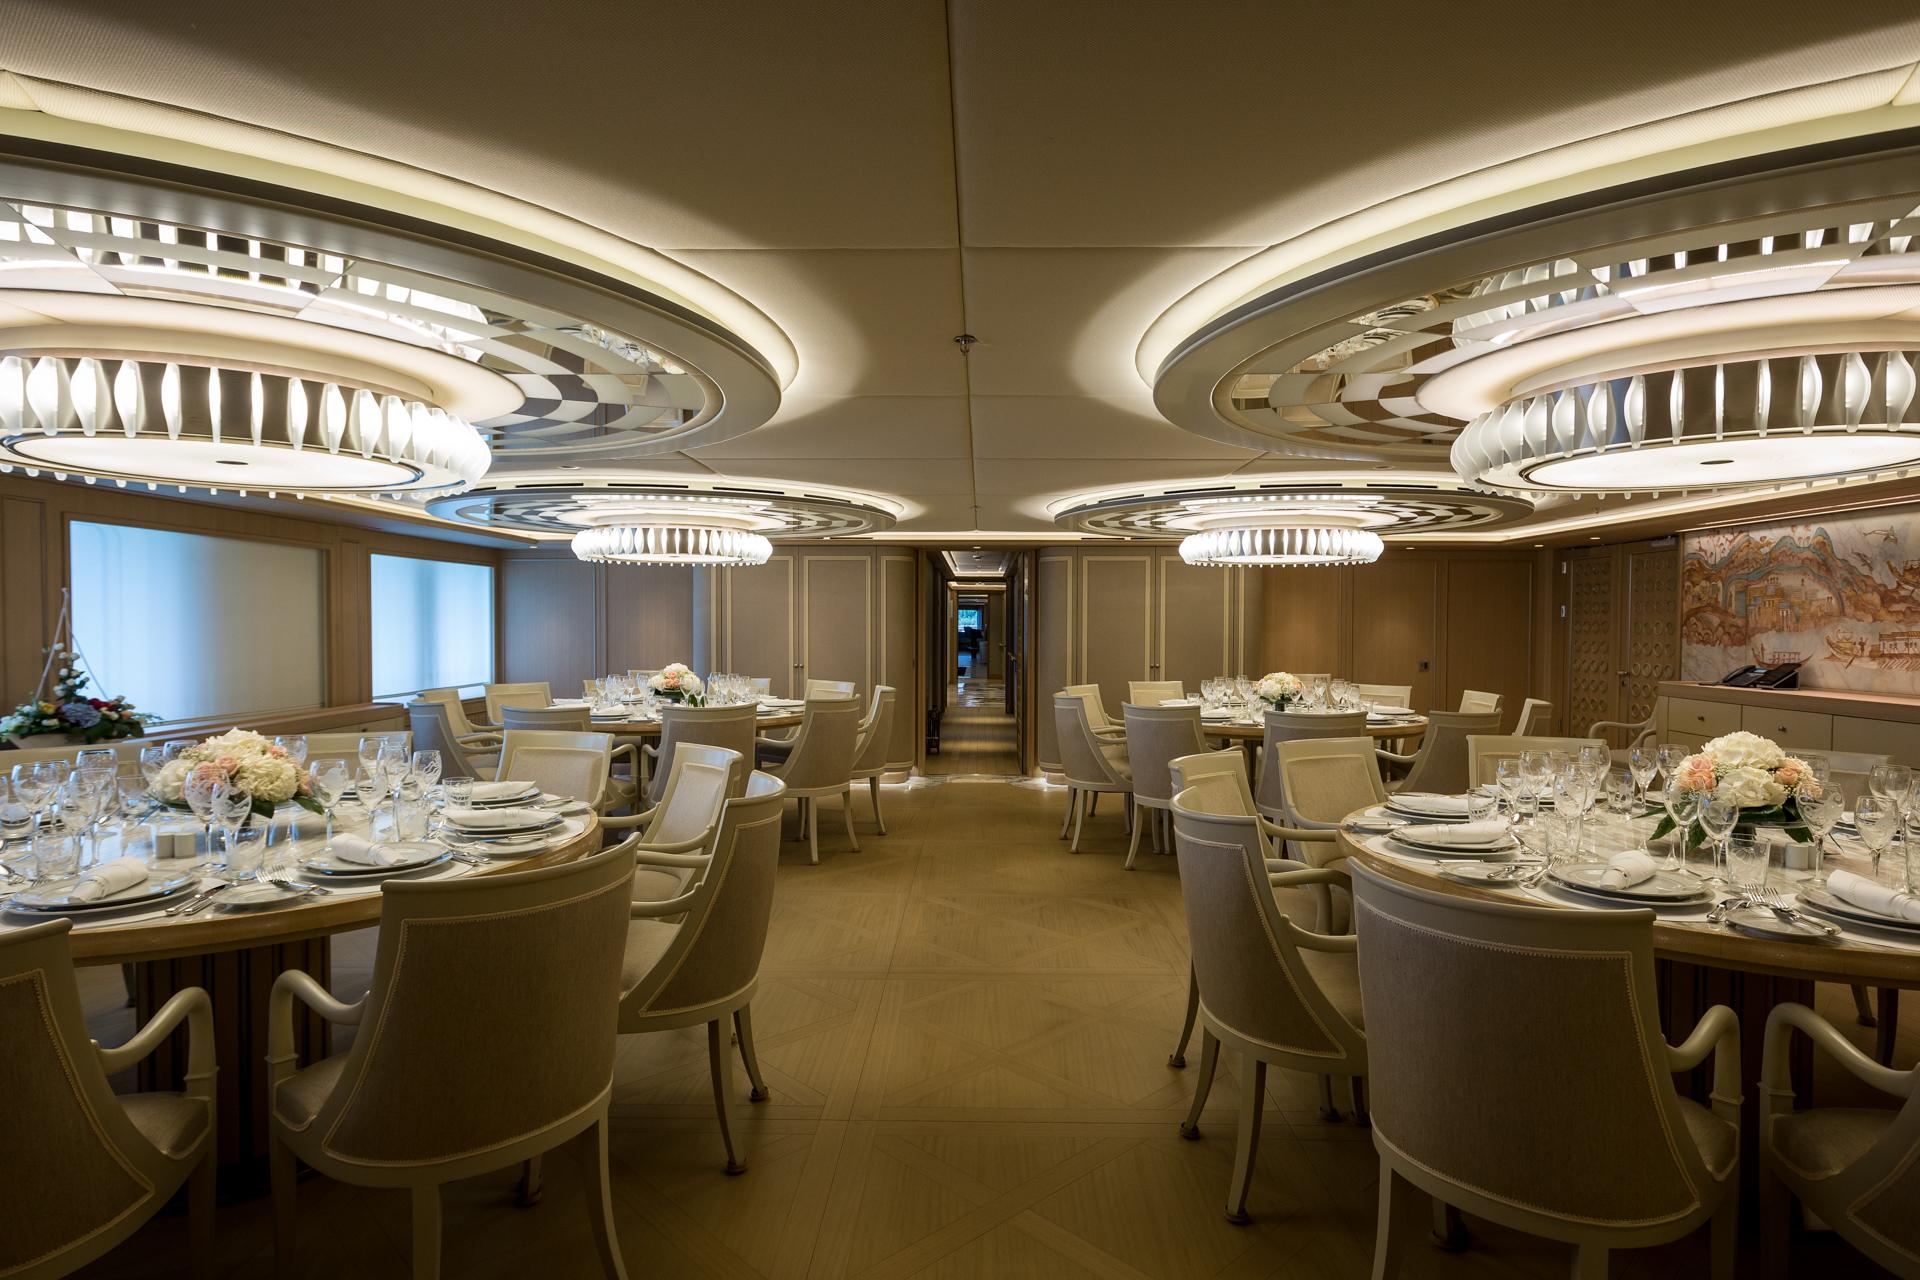 MY Dream - Formal dining room